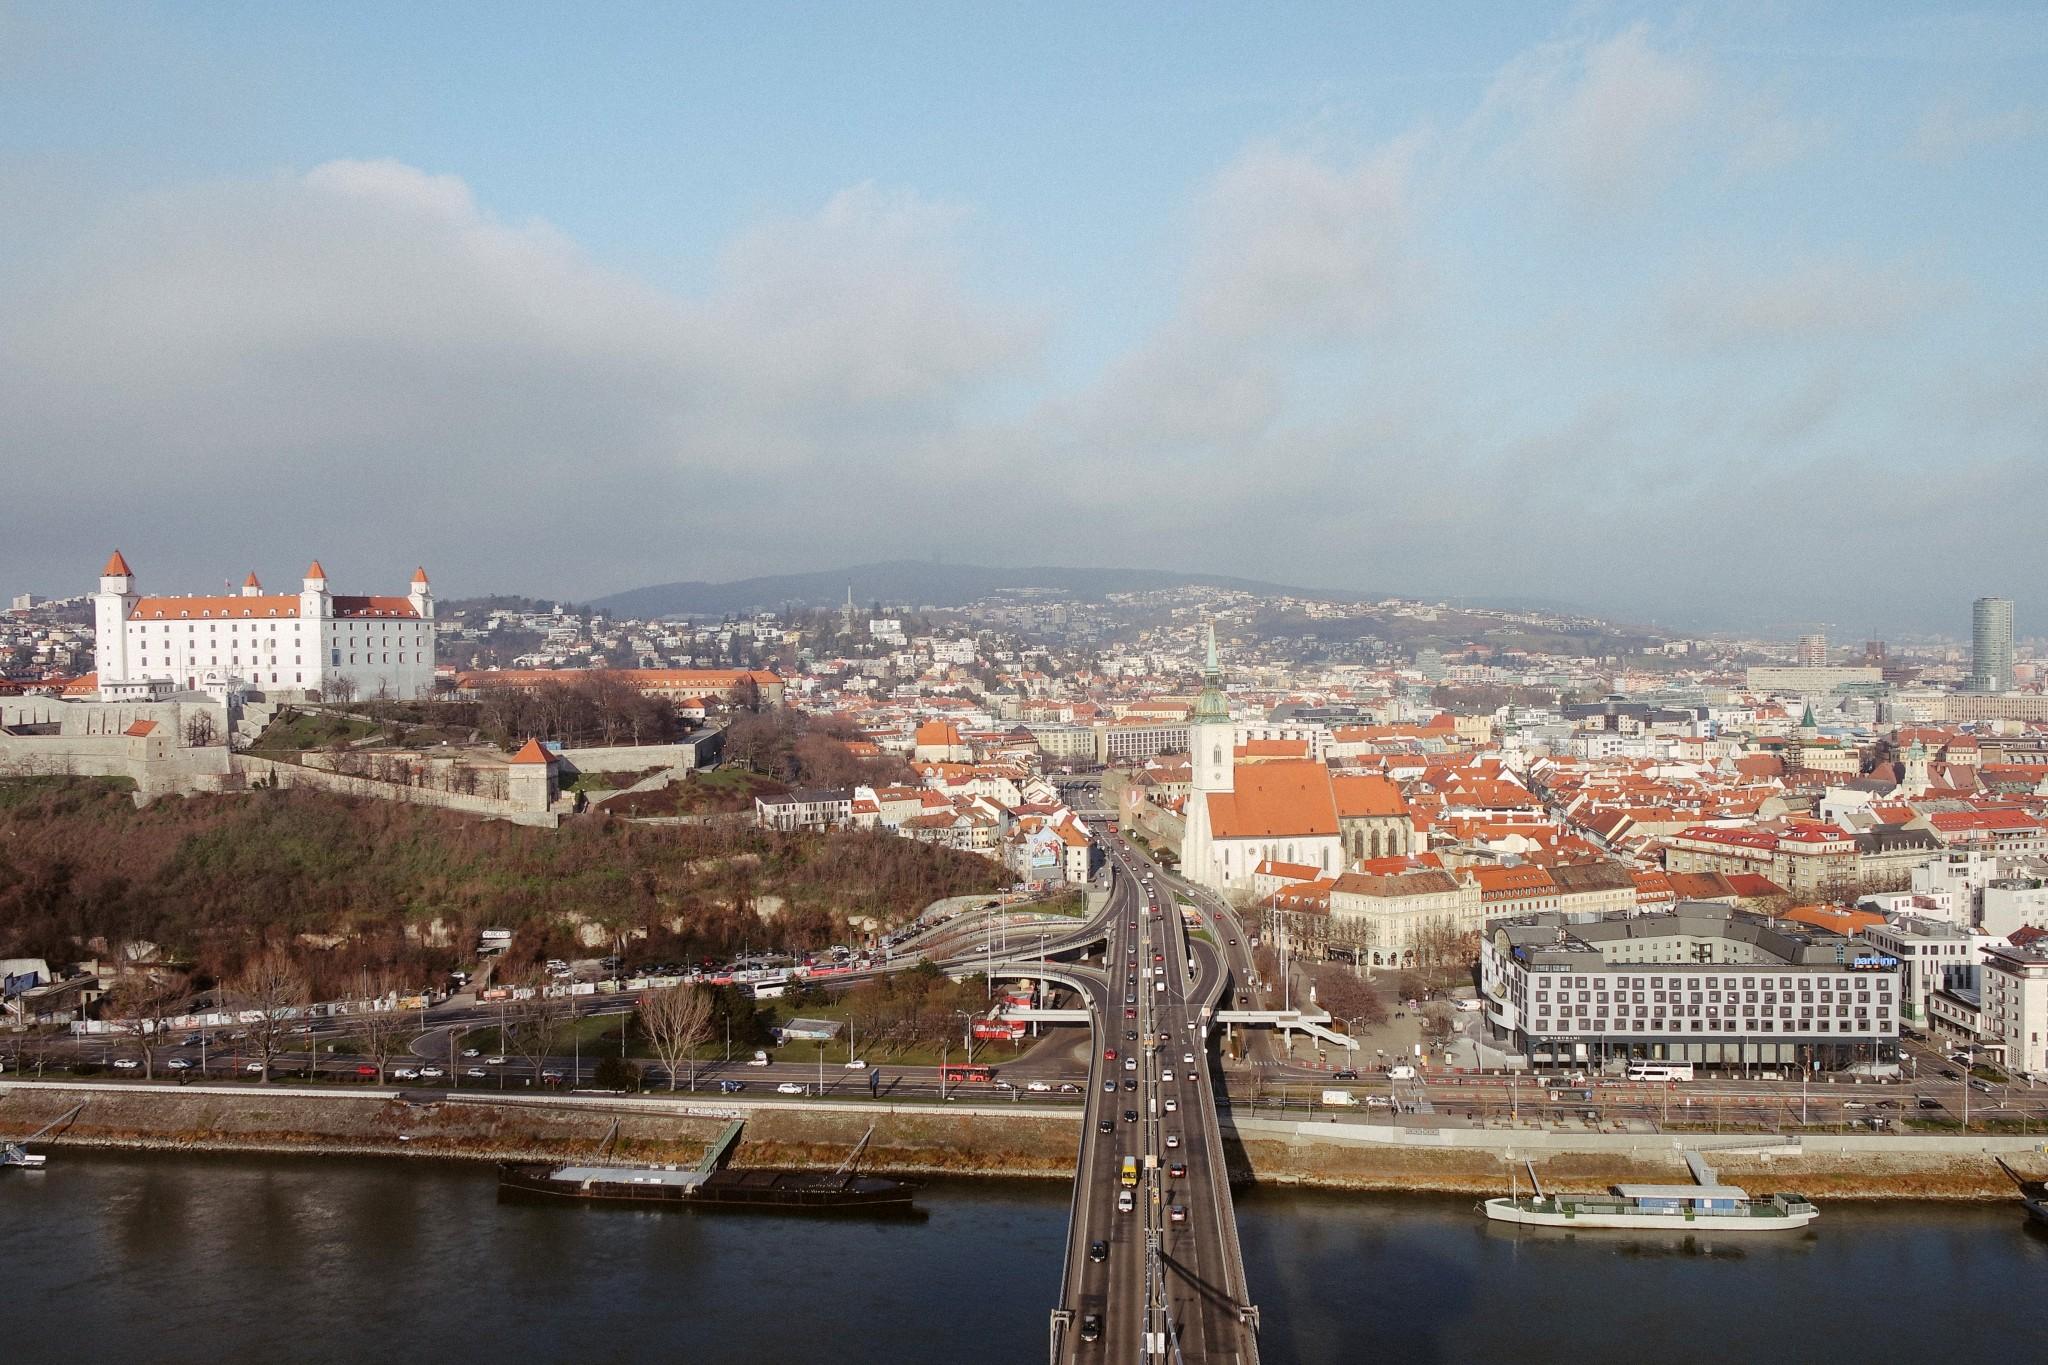 bratislava-vid-s-nlo